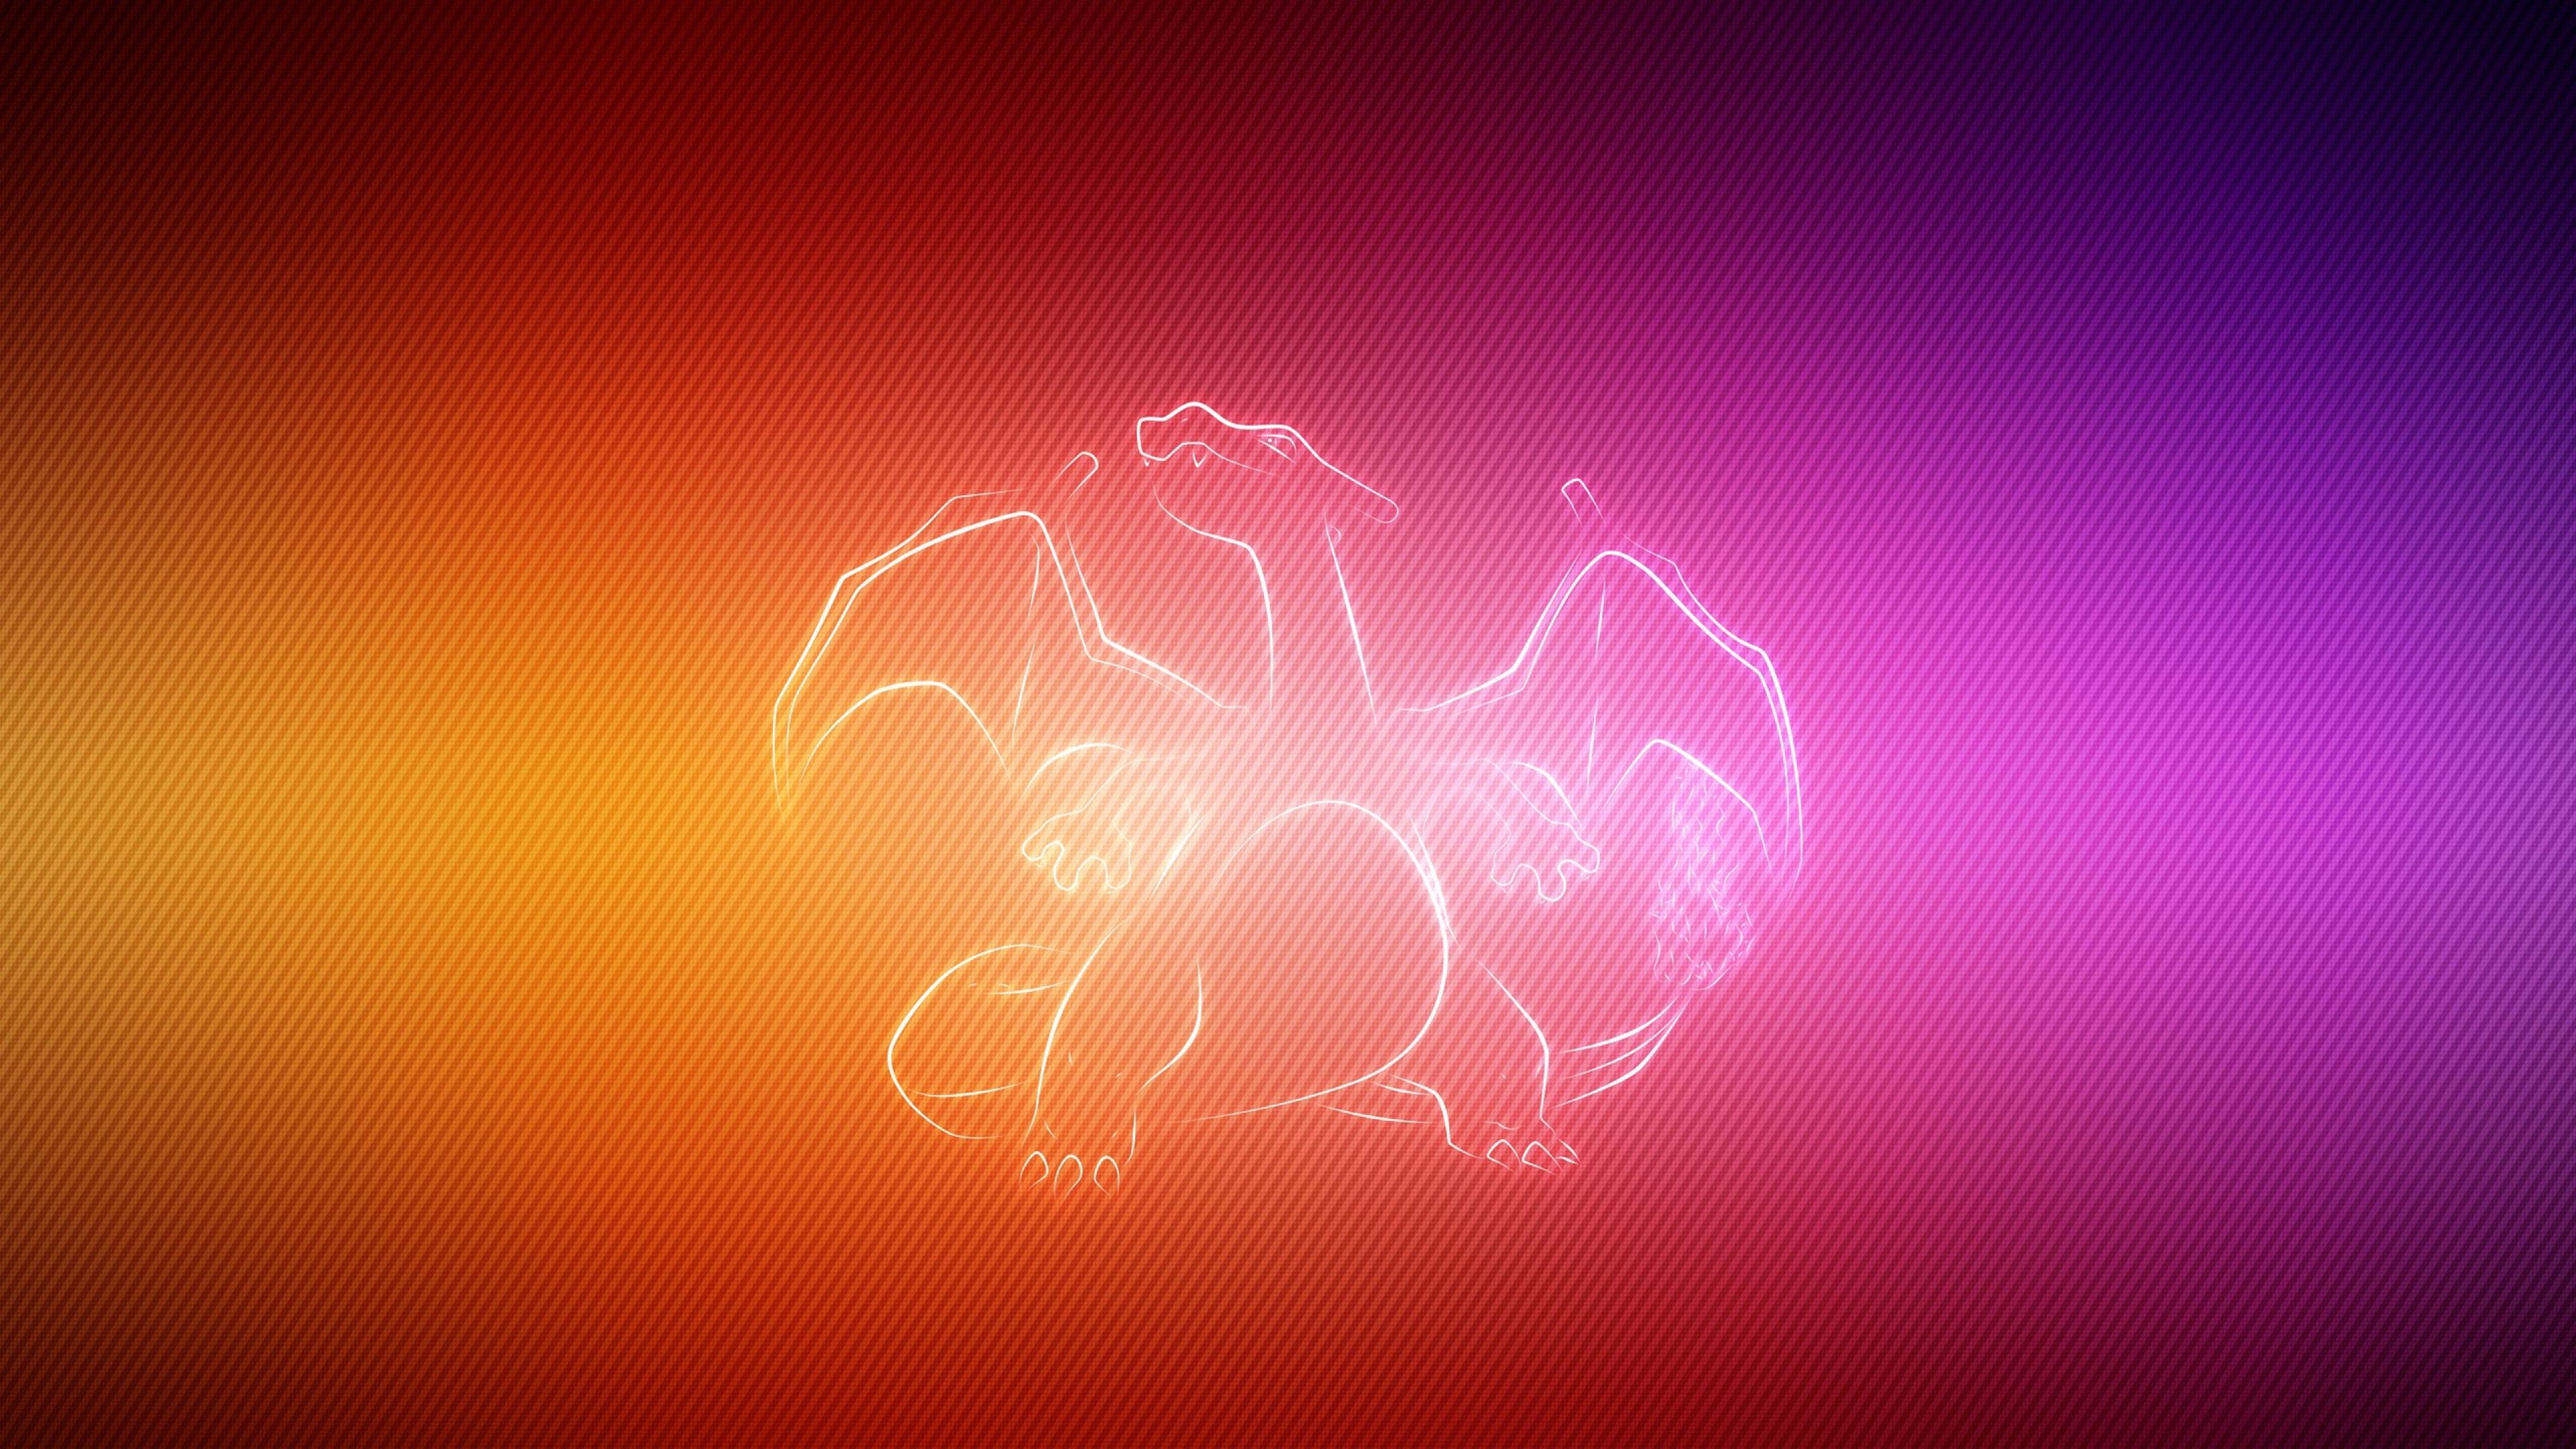 Download Wallpaper 3840x2160 dragon wings pokemon charizard 4K 3840x2160